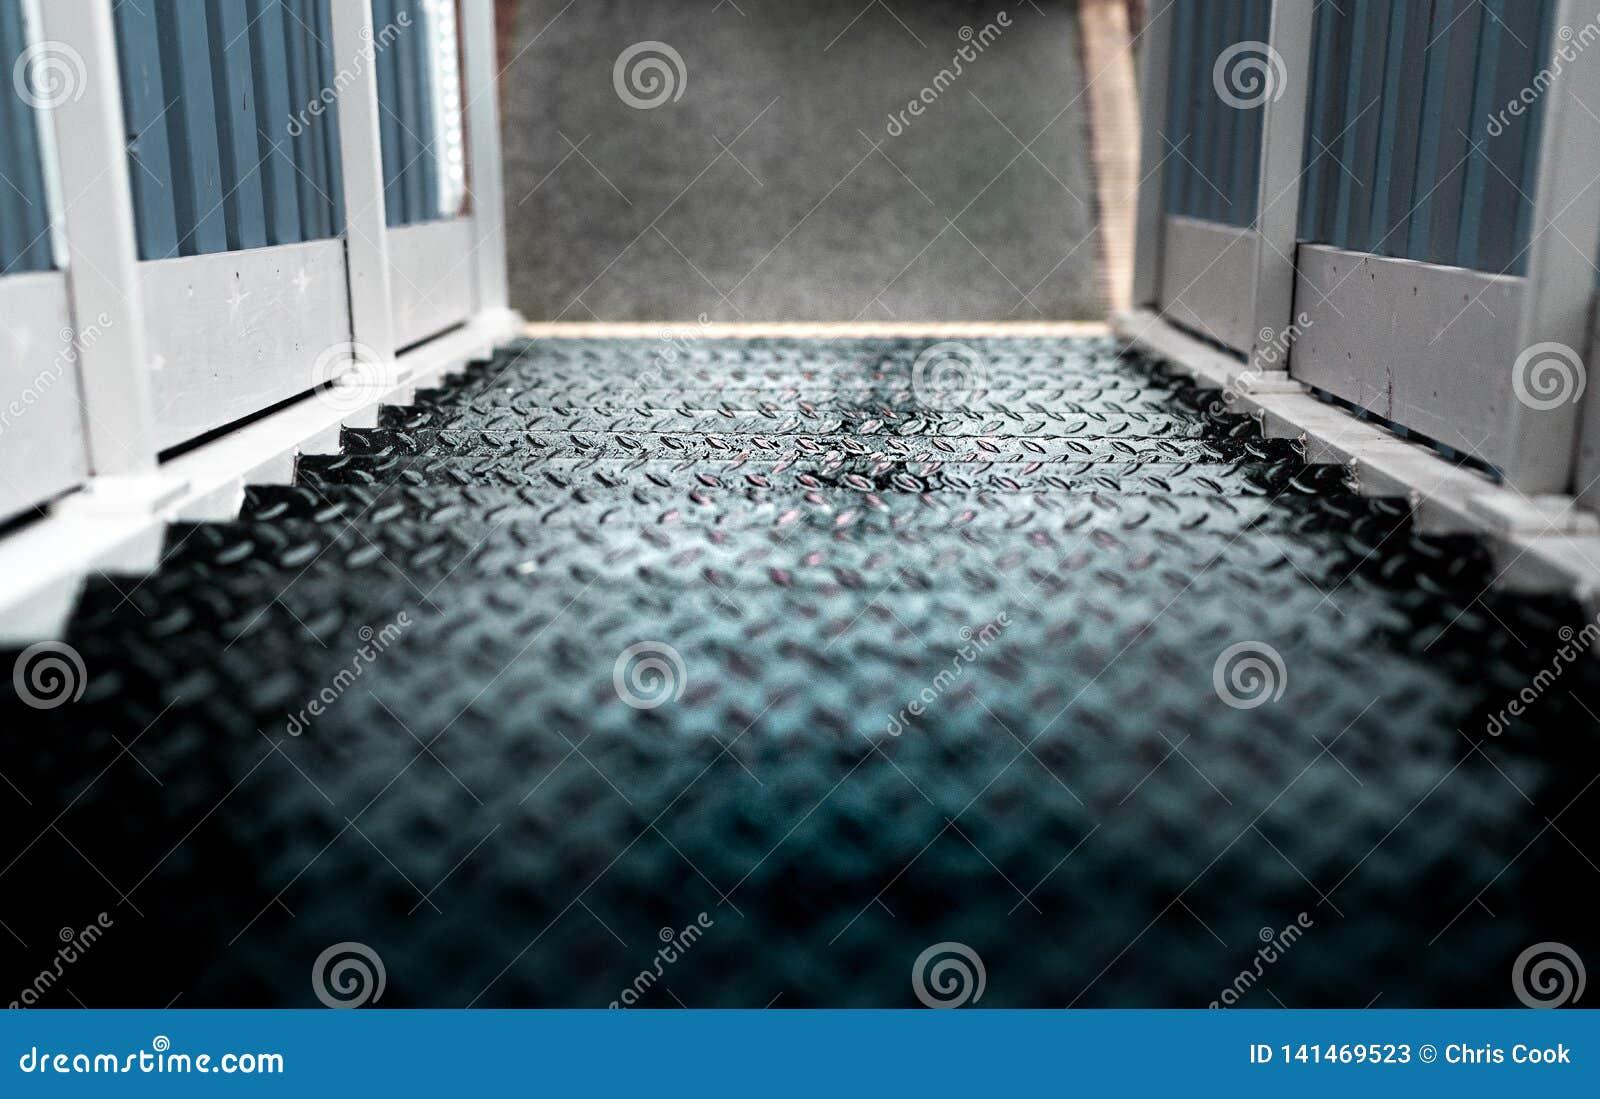 Einige gefährliche nass Metallschritte mit einem weißen hölzernen Geländer